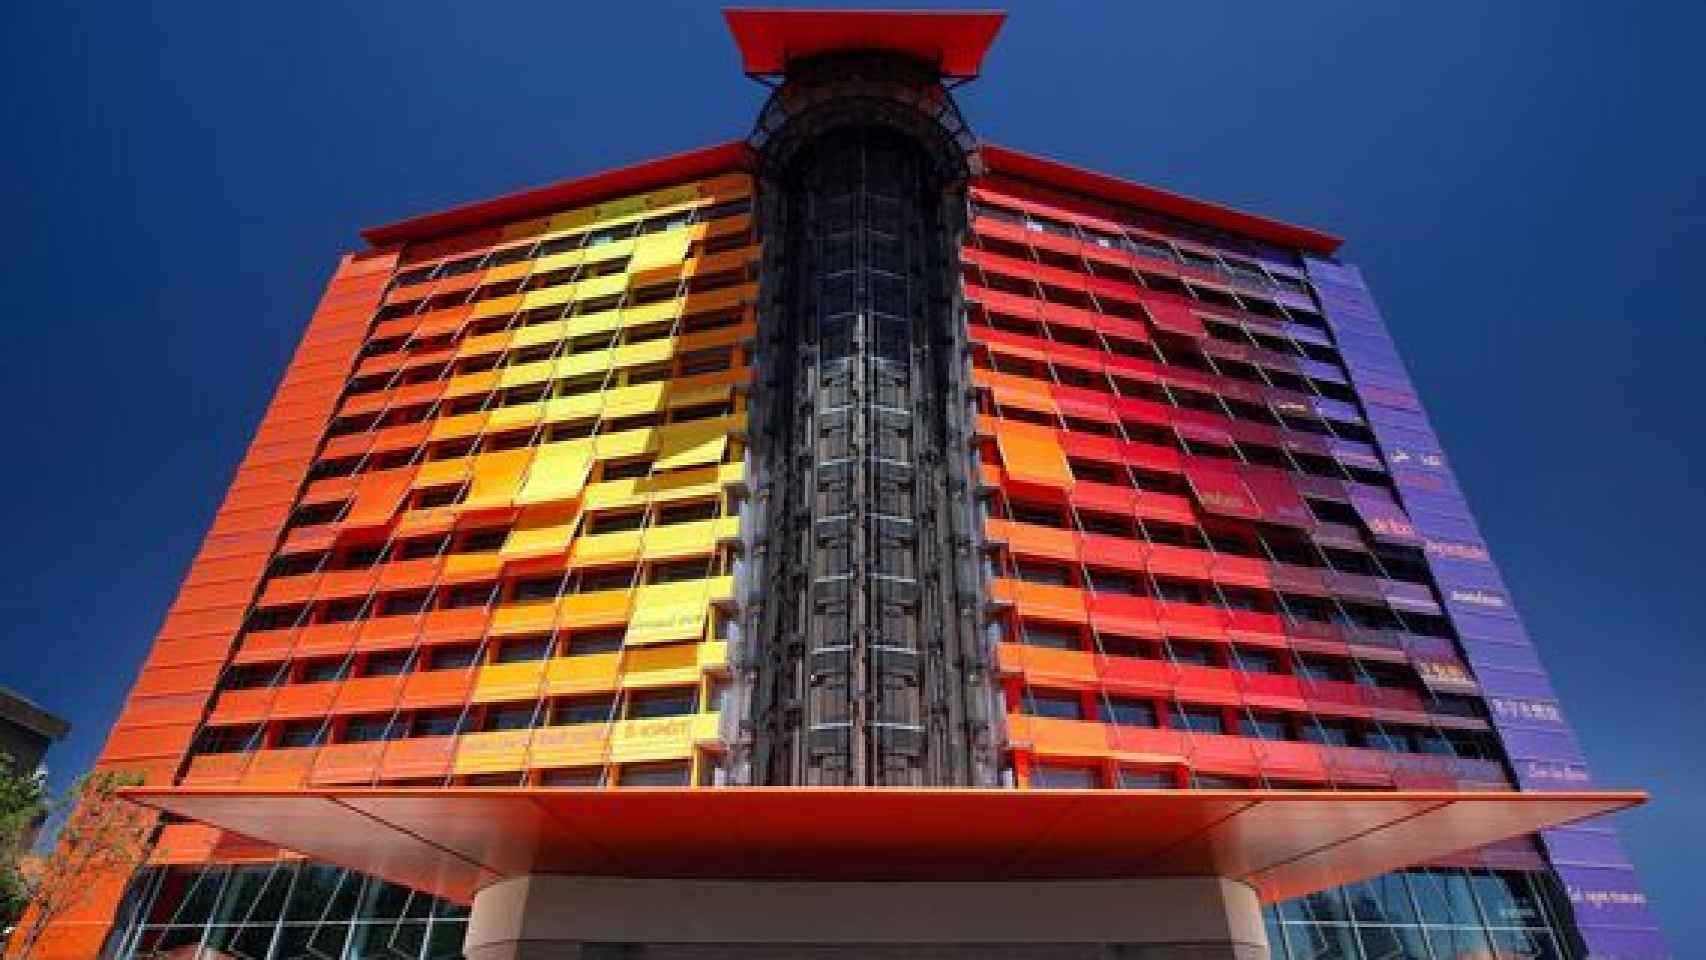 Hotel Silken Puerta de América, en una imagen de archivo.